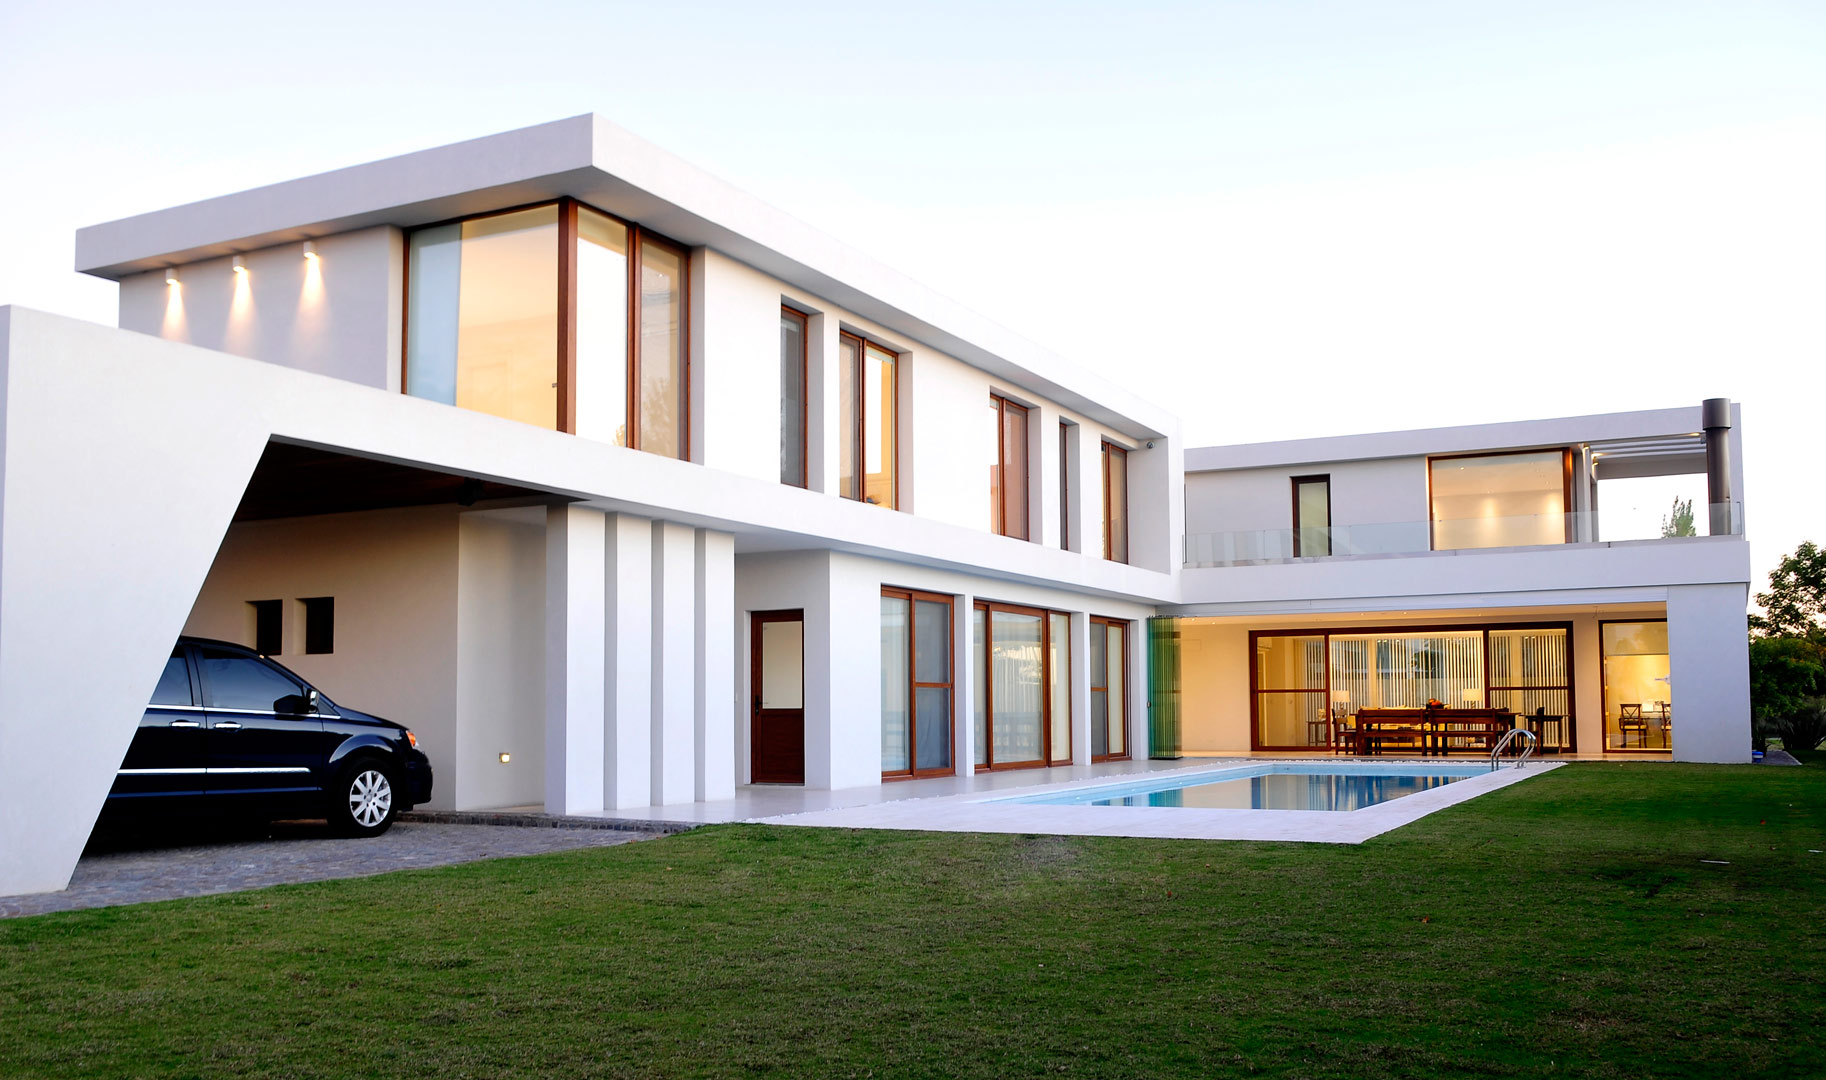 Ram rez arquitectura casa estilo racionalista portal for Definicion de estilo en arquitectura